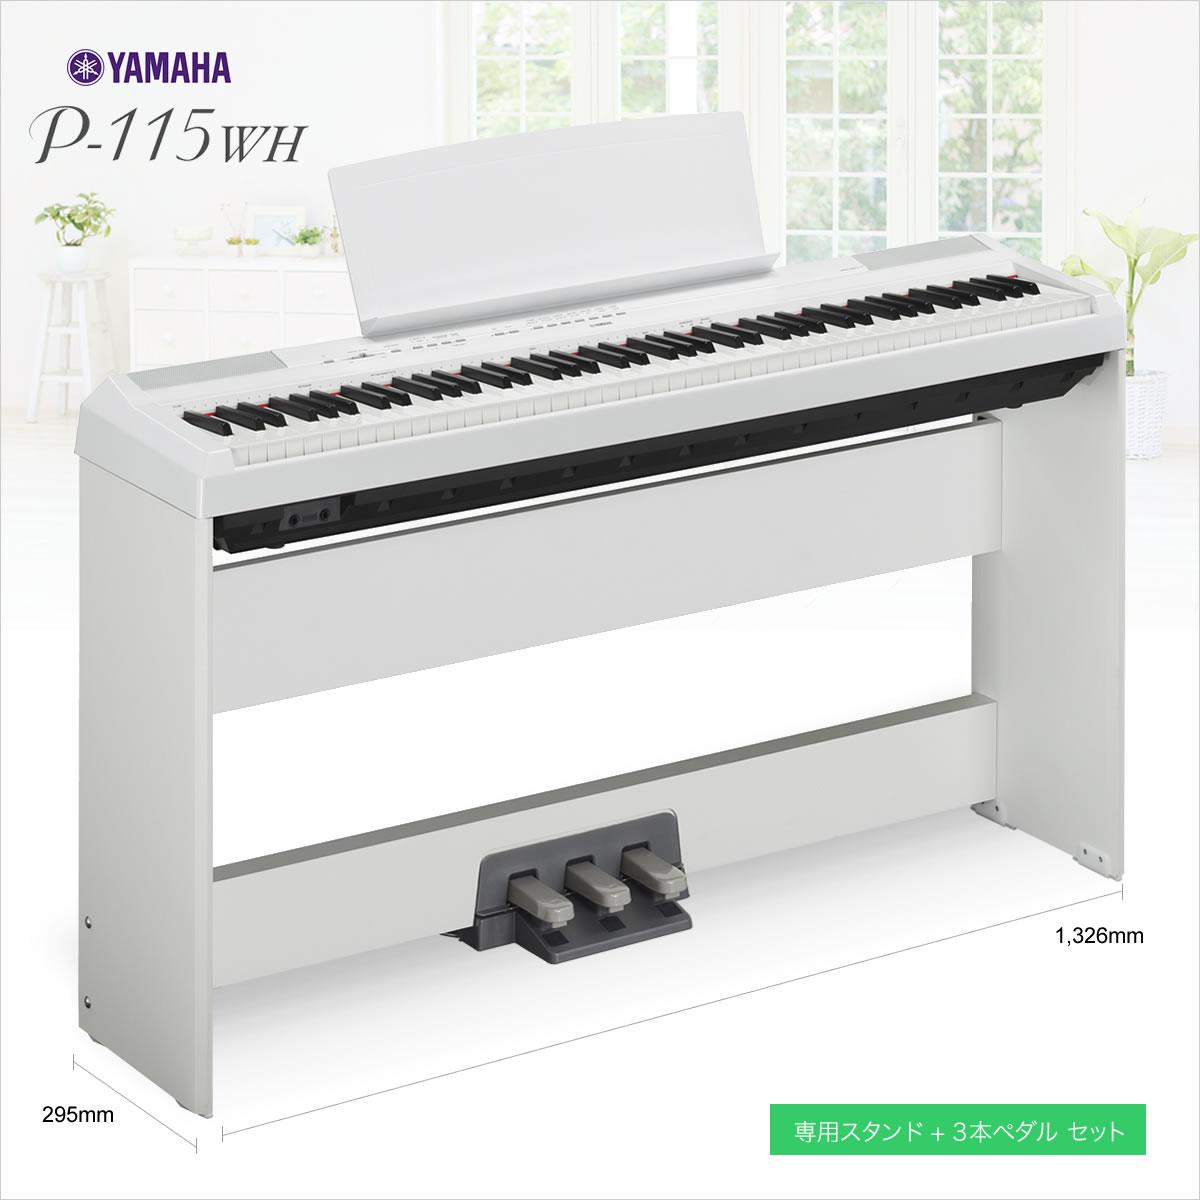 YAMAHA P-115WH ホワイト & 専用スタンド(3本ペダル付)セット 電子ピアノ 88鍵盤 【ヤマハ P115】 【オンライン限定】【別売り延長保証対応プラン:E】